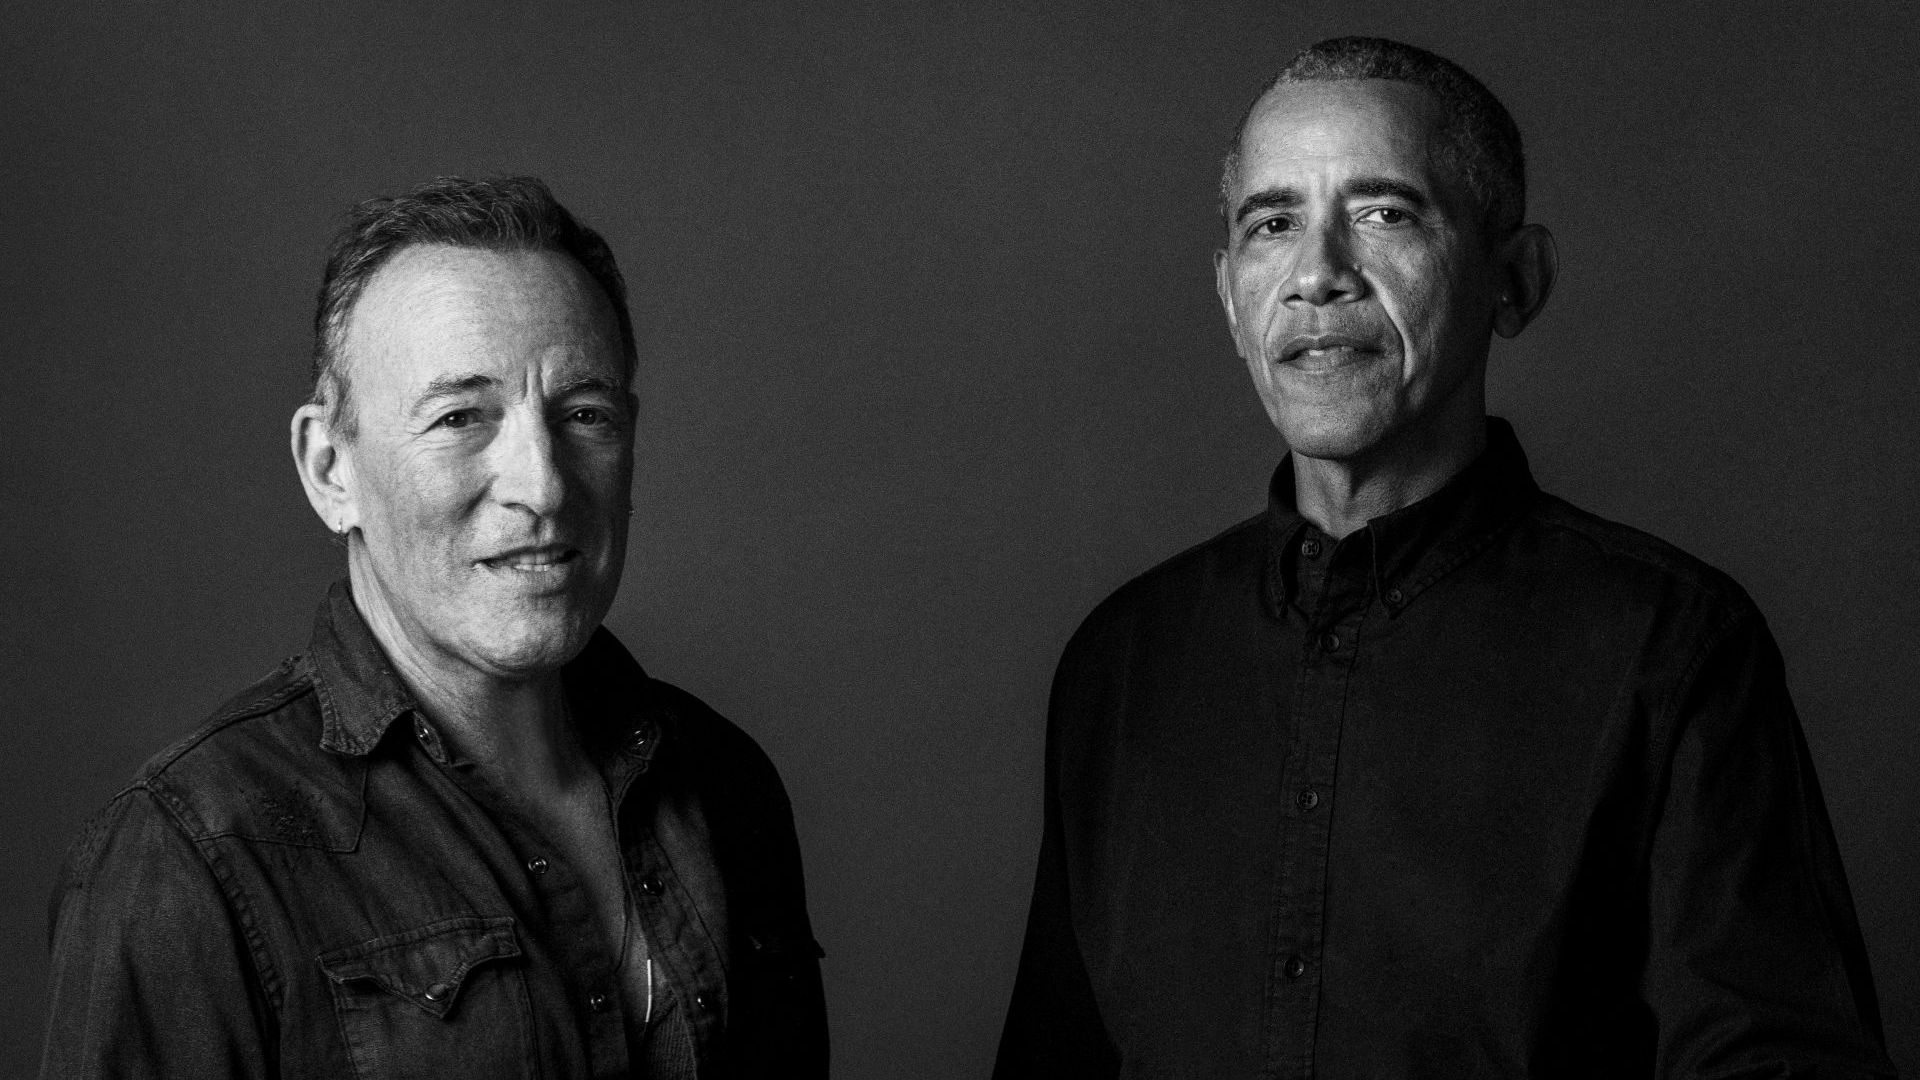 Приятелите Барак Обама и Брус Спрингстийн издават обща книга